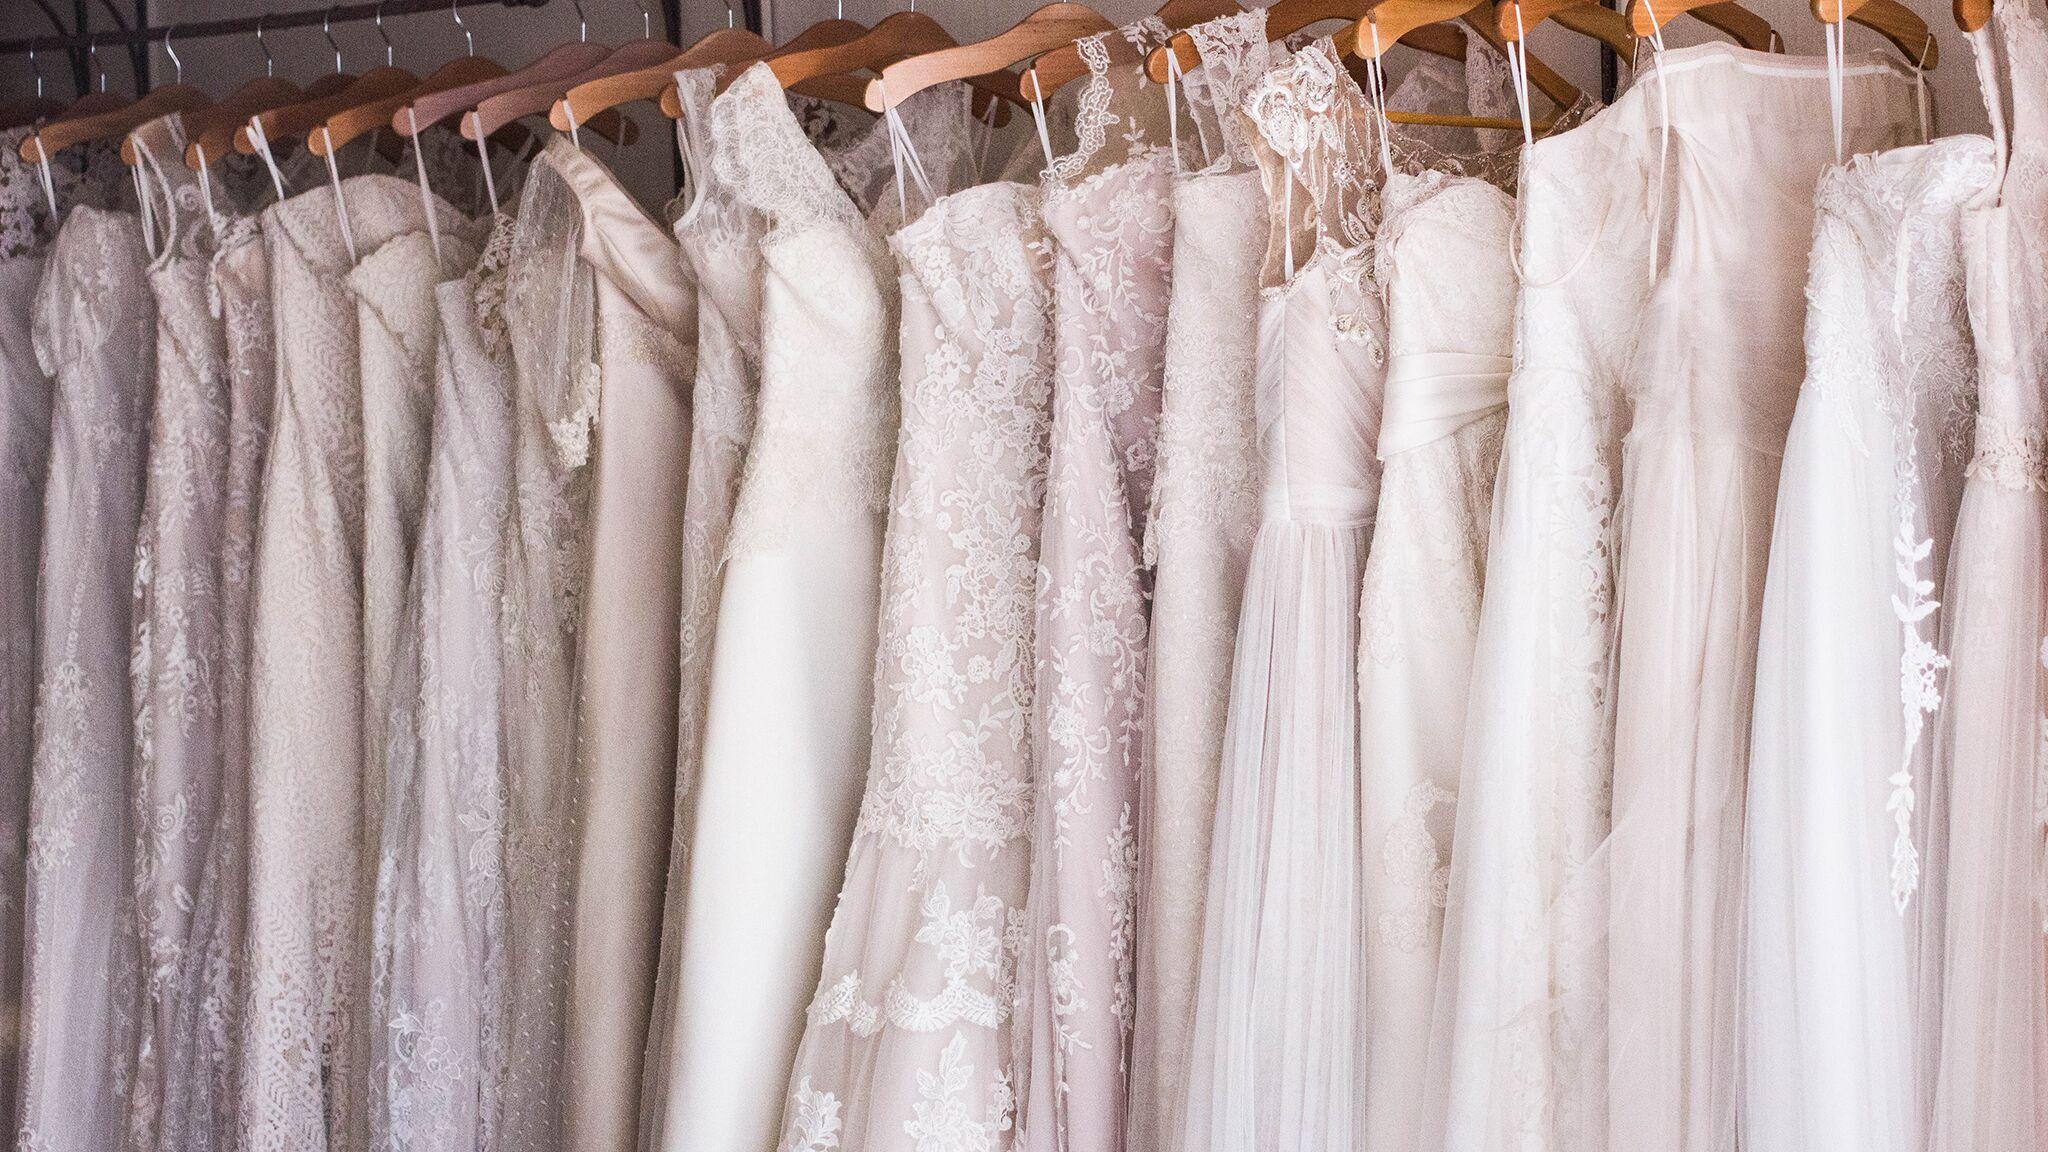 abbd25888aa Une robe de mariée sans se ruiner   On dit oui ! - Voici